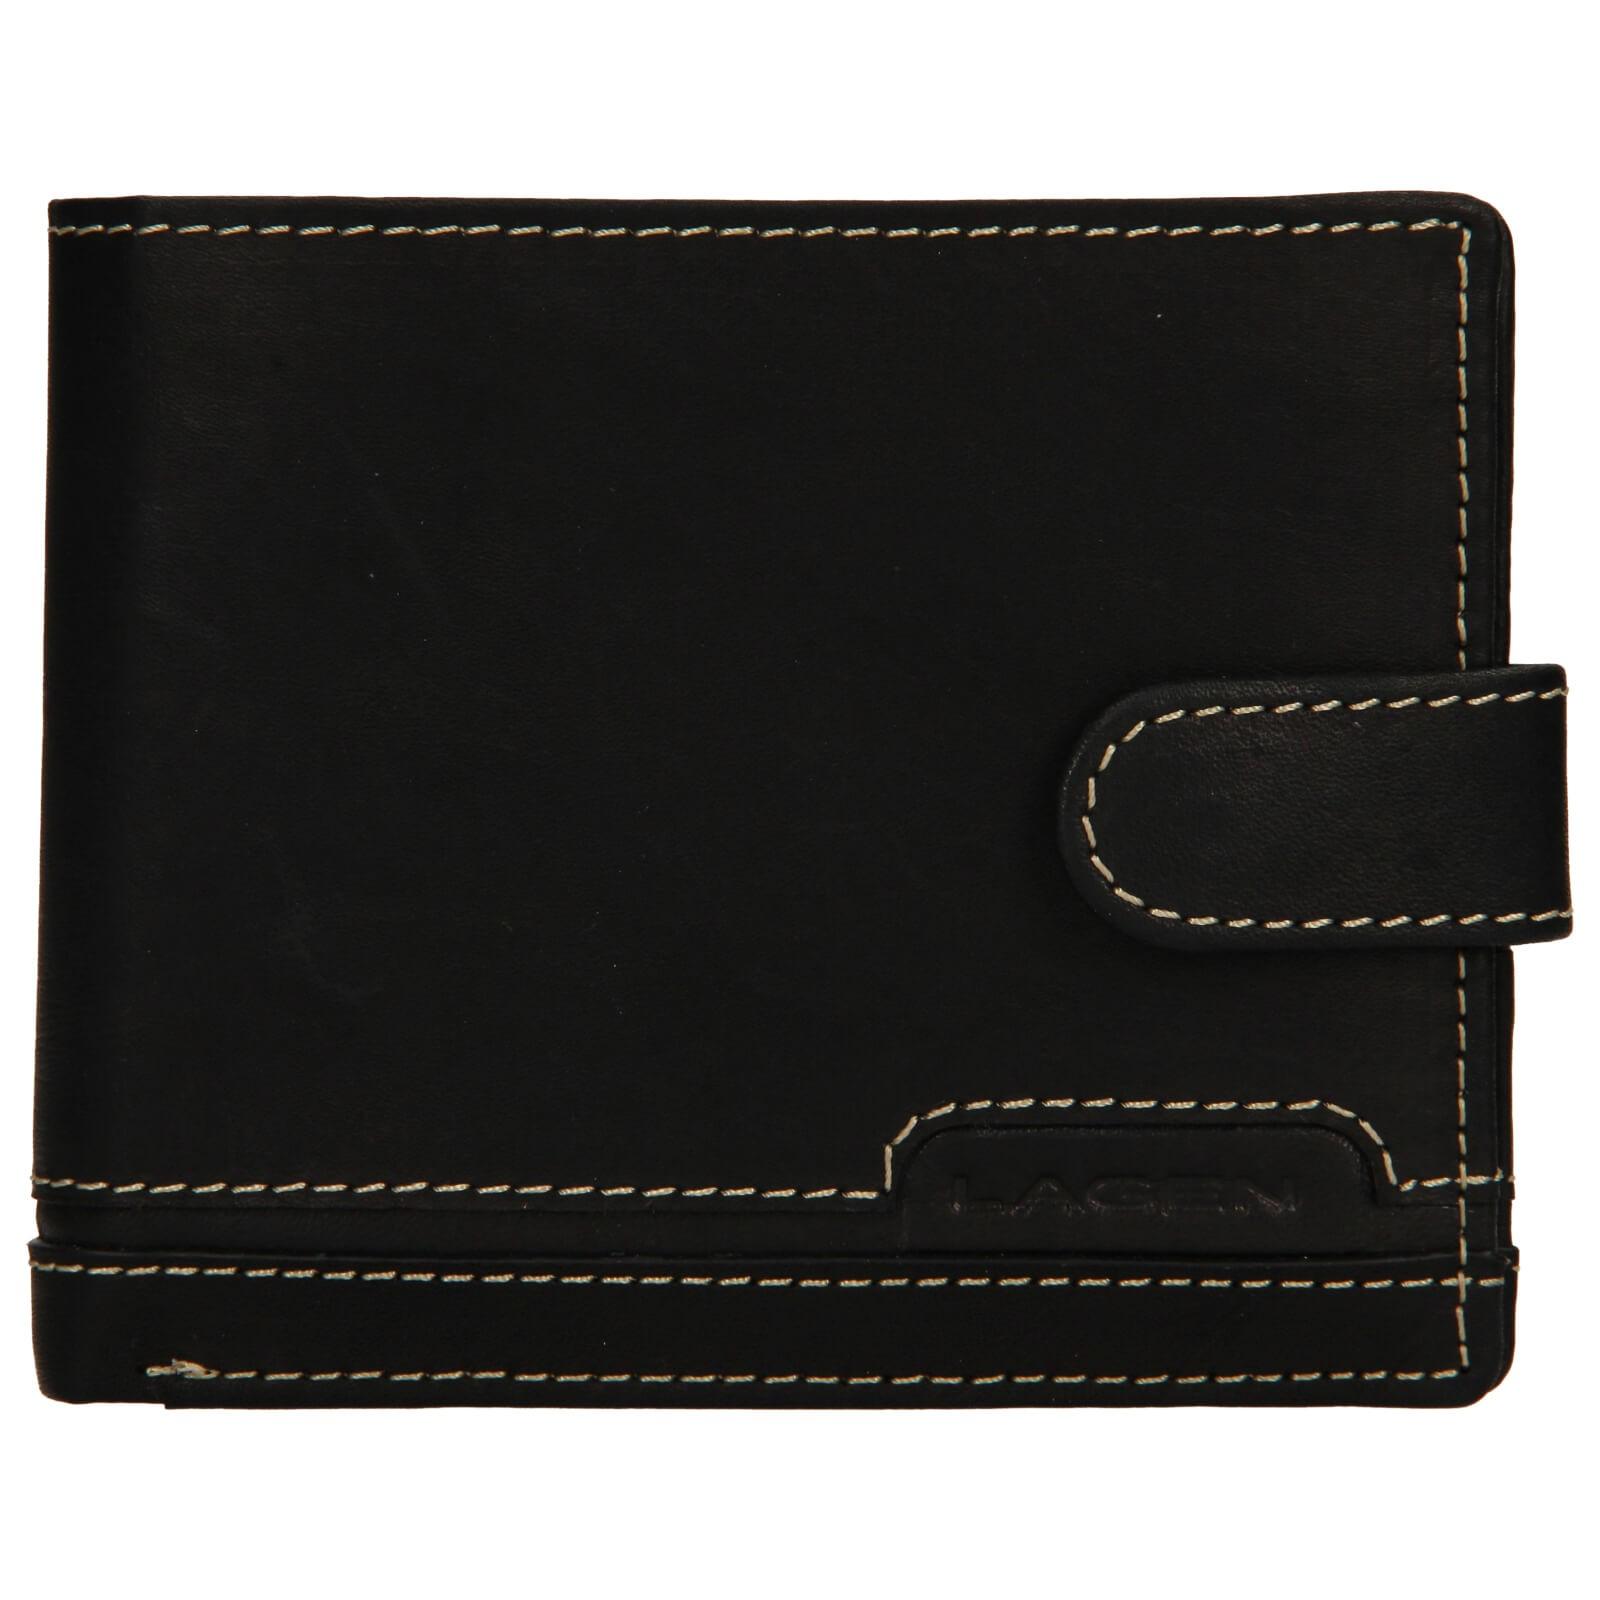 Pánska kožená peňaženka Lagen Marien - čierna